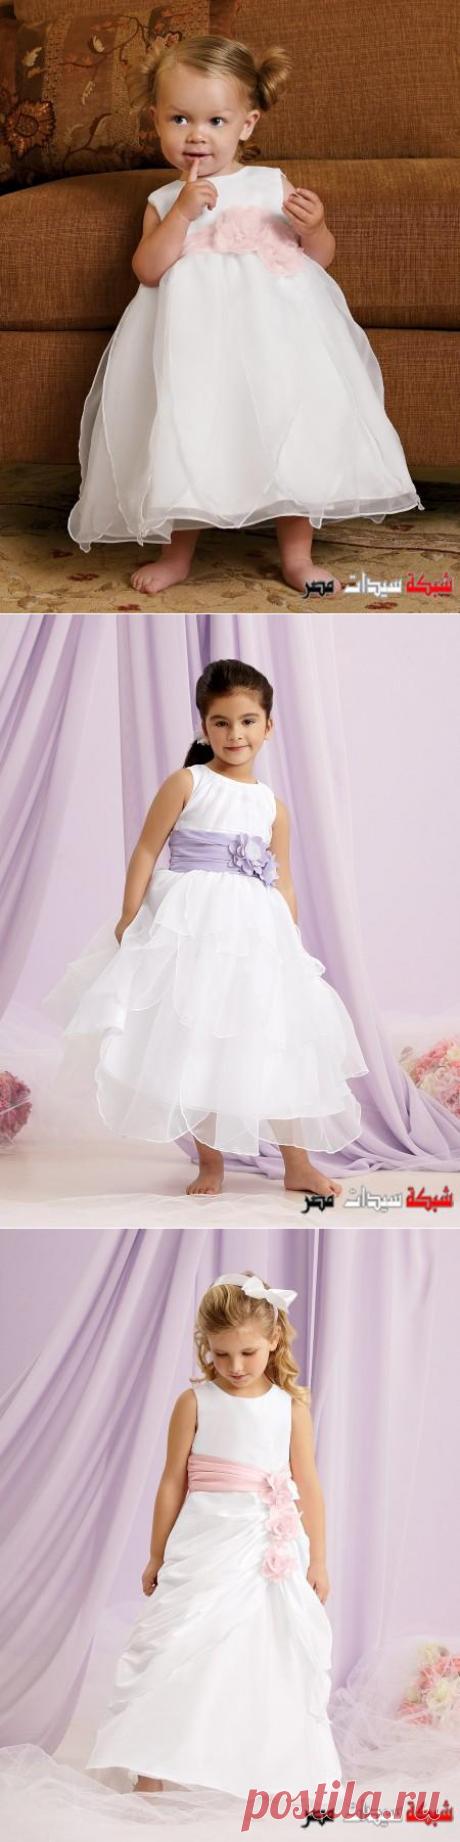 فساتين زفاف للاطفال - فساتين افراح للاطفال - اشيك فساتين زفاف للبنوتات - wedding dresses for girls